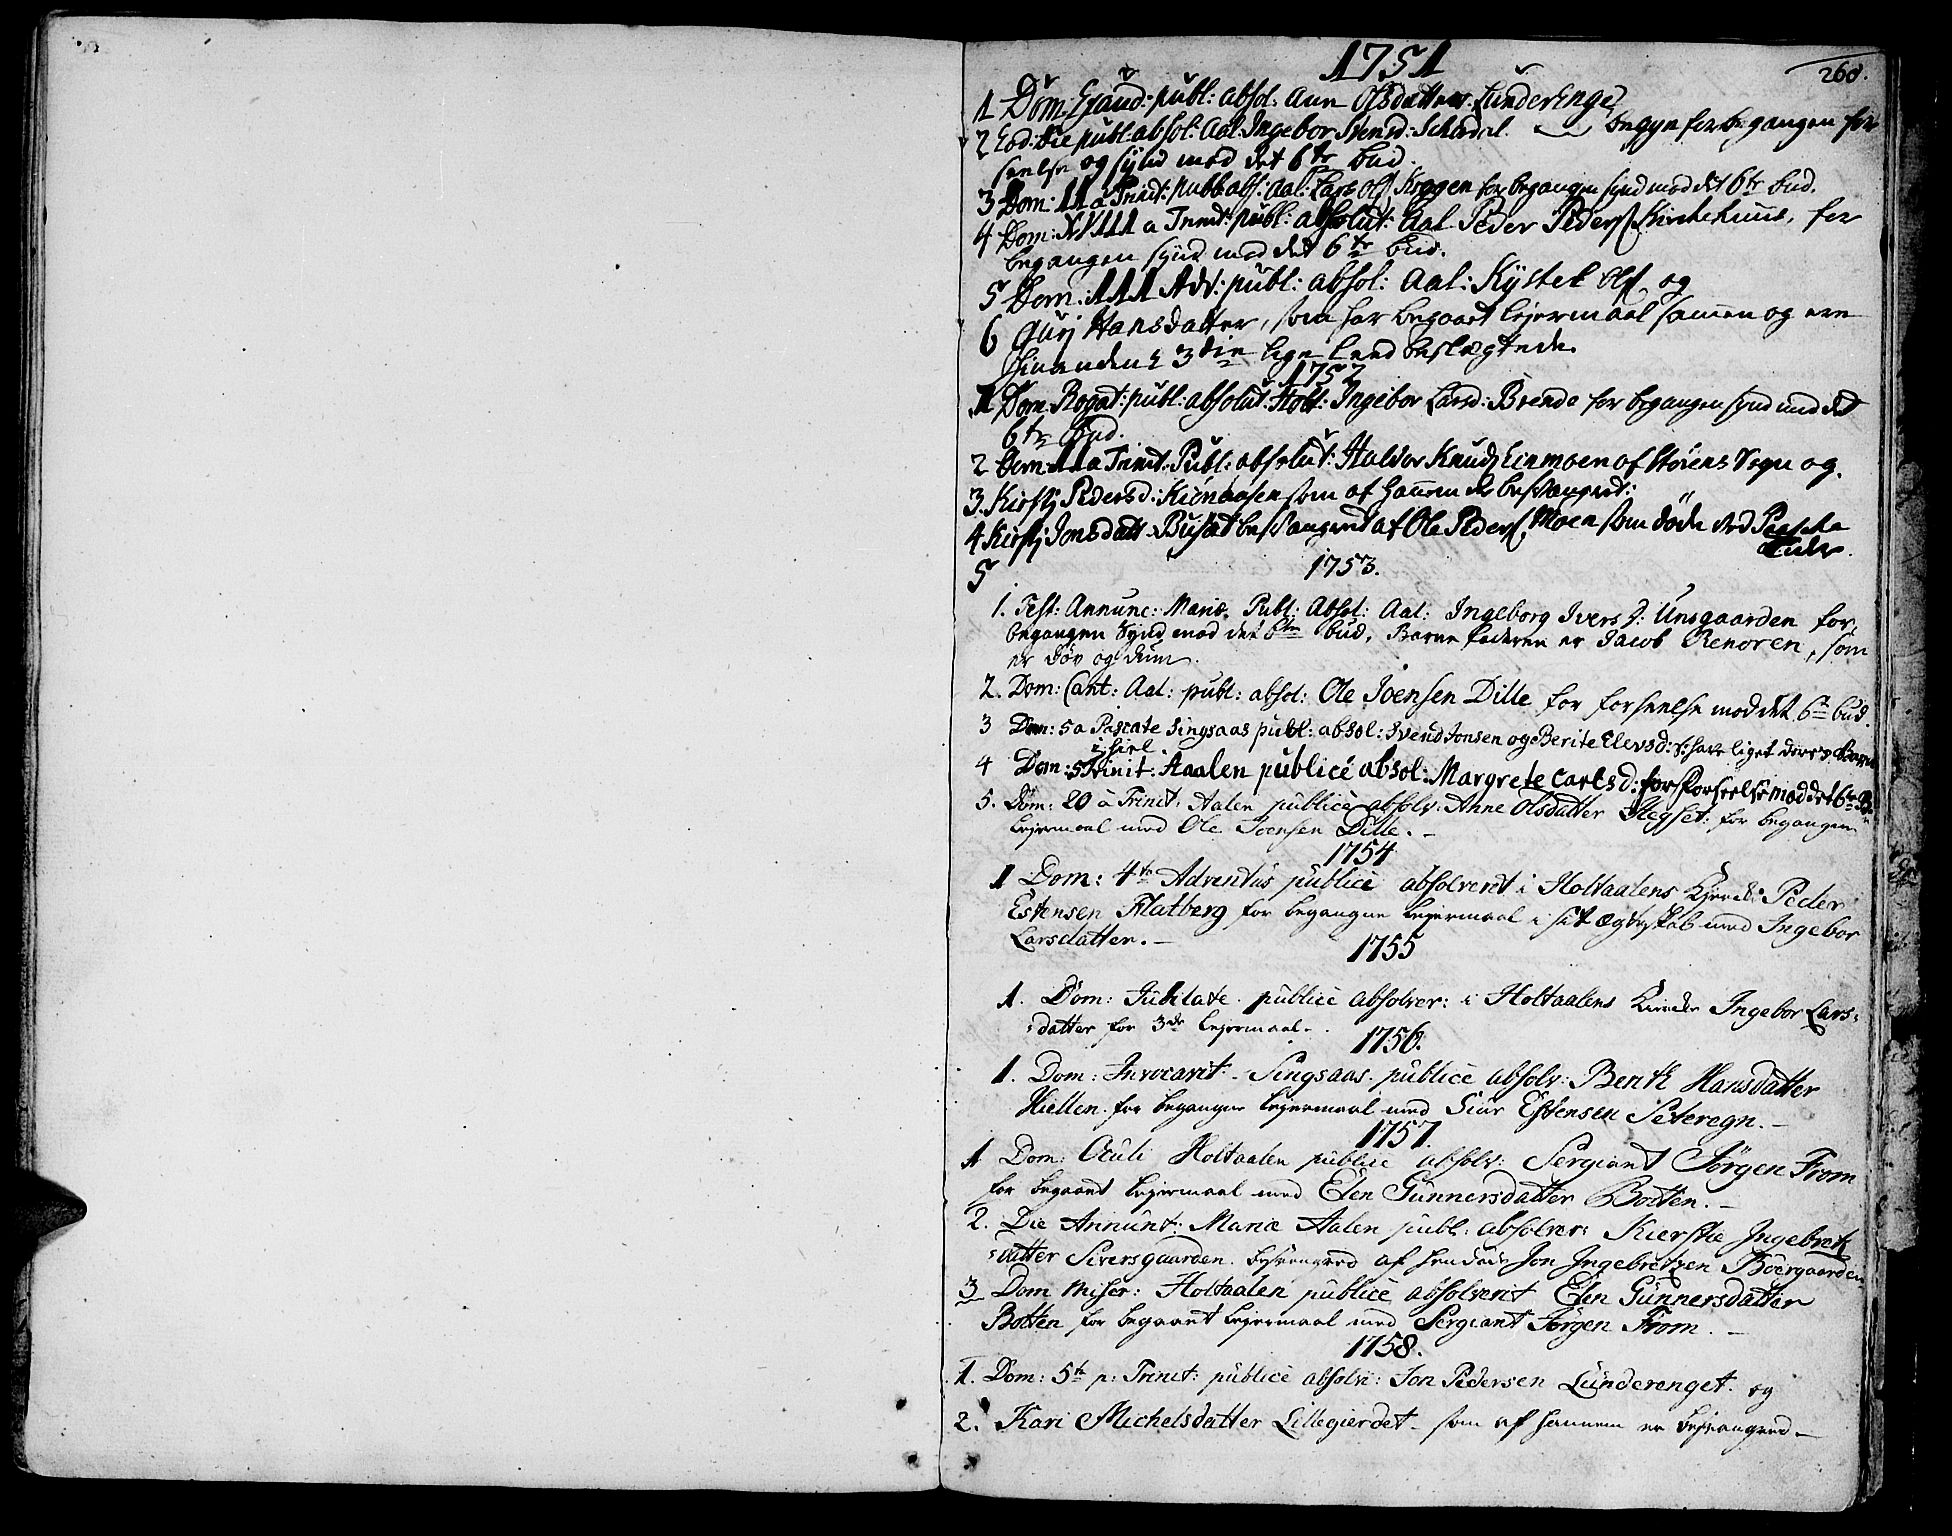 SAT, Ministerialprotokoller, klokkerbøker og fødselsregistre - Sør-Trøndelag, 685/L0952: Ministerialbok nr. 685A01, 1745-1804, s. 260